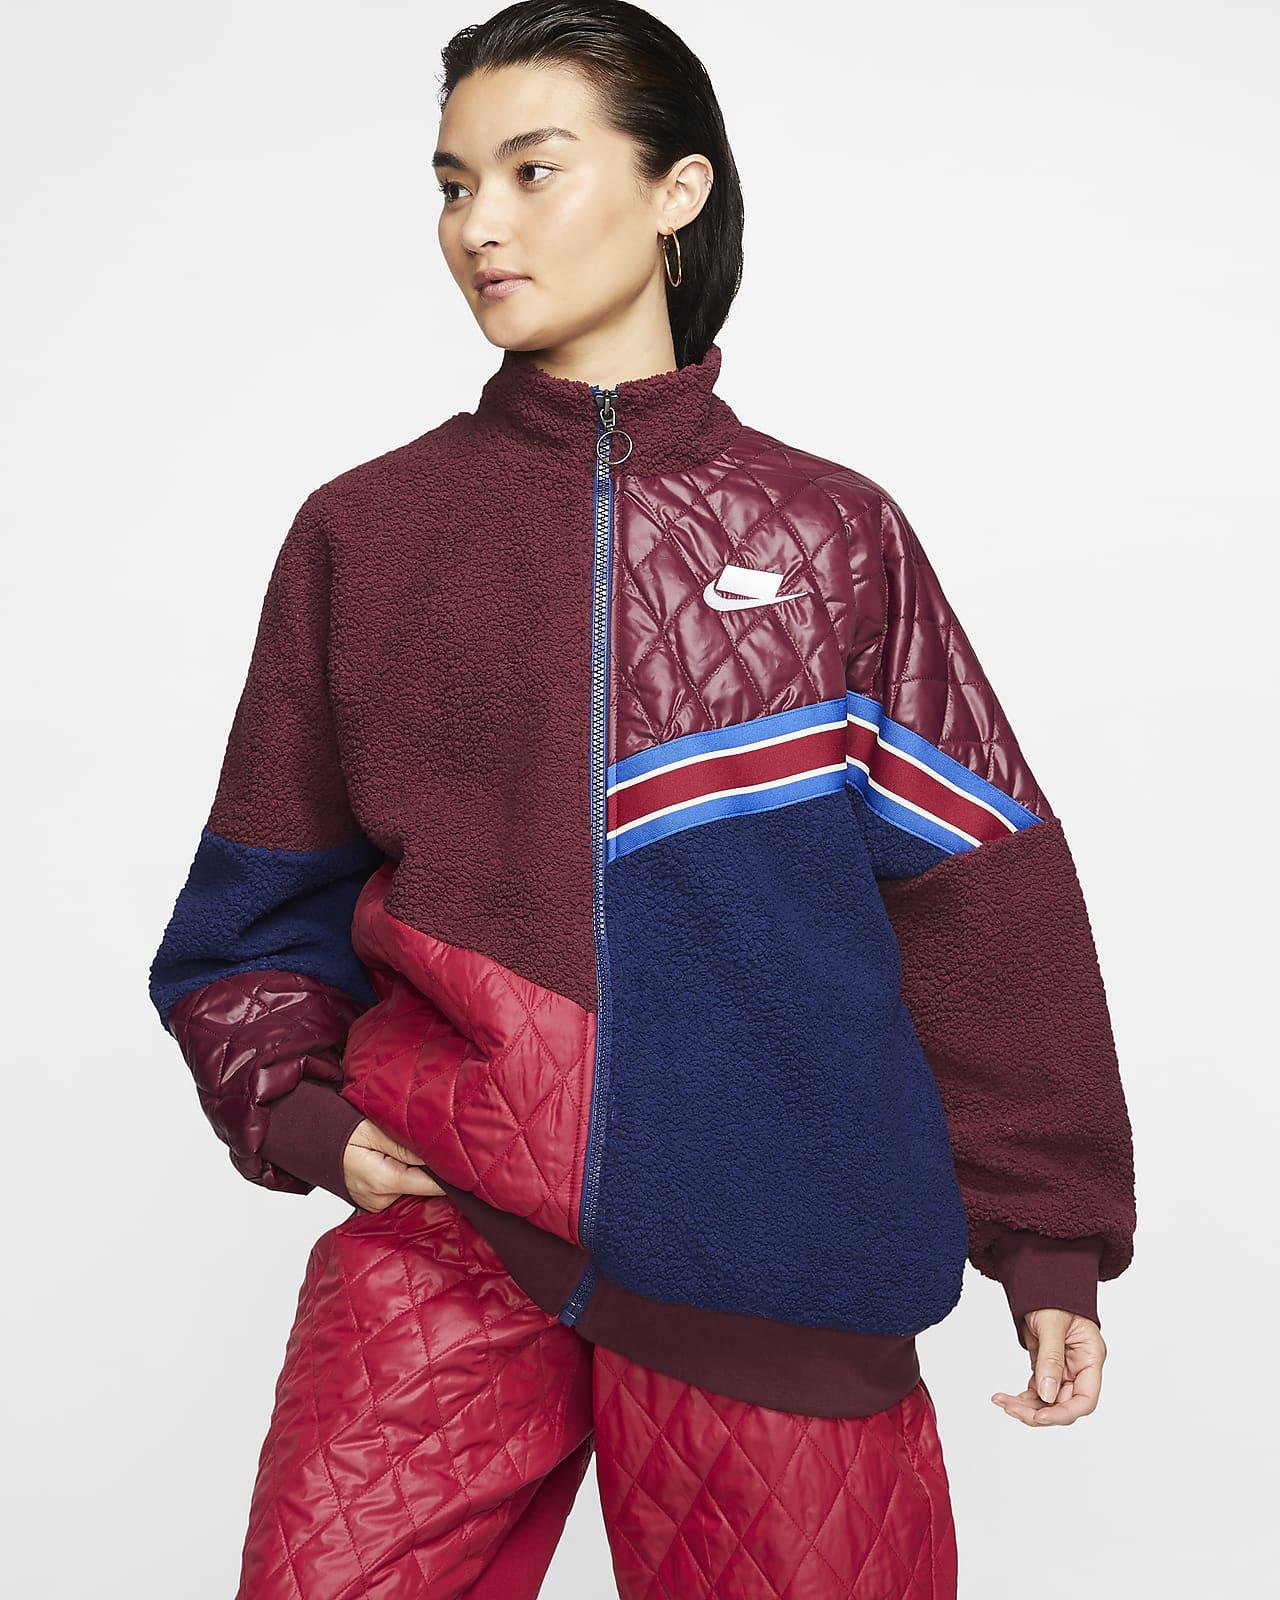 Nike Sportswear Nike Sports Pack Women's Full Zip Sherpa Track Jacket